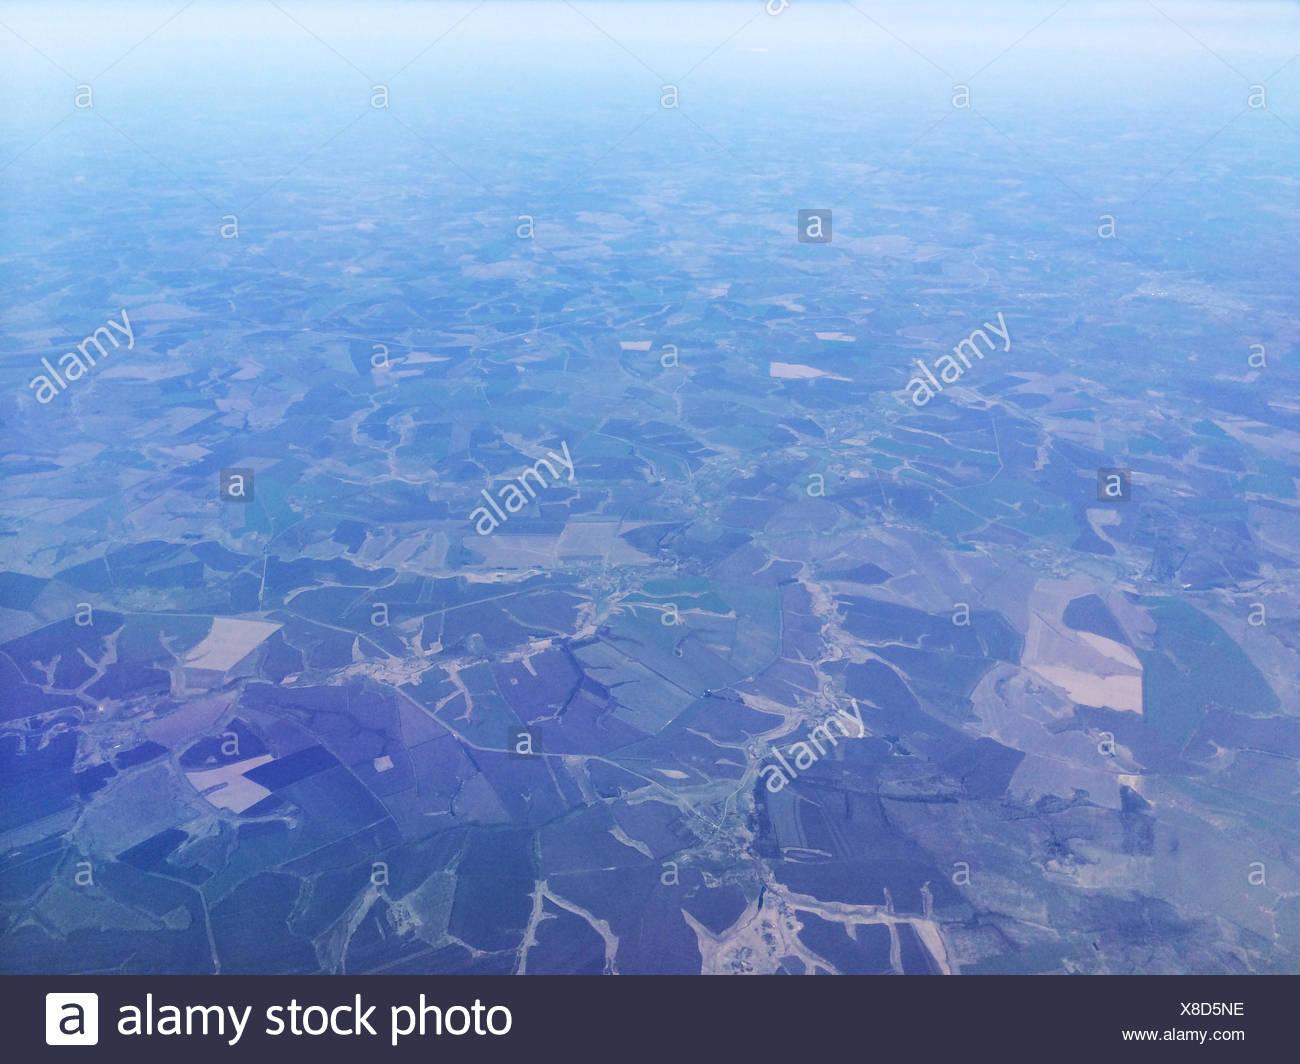 Luftaufnahme von landwirtschaftlich genutzten Feldern Stockbild